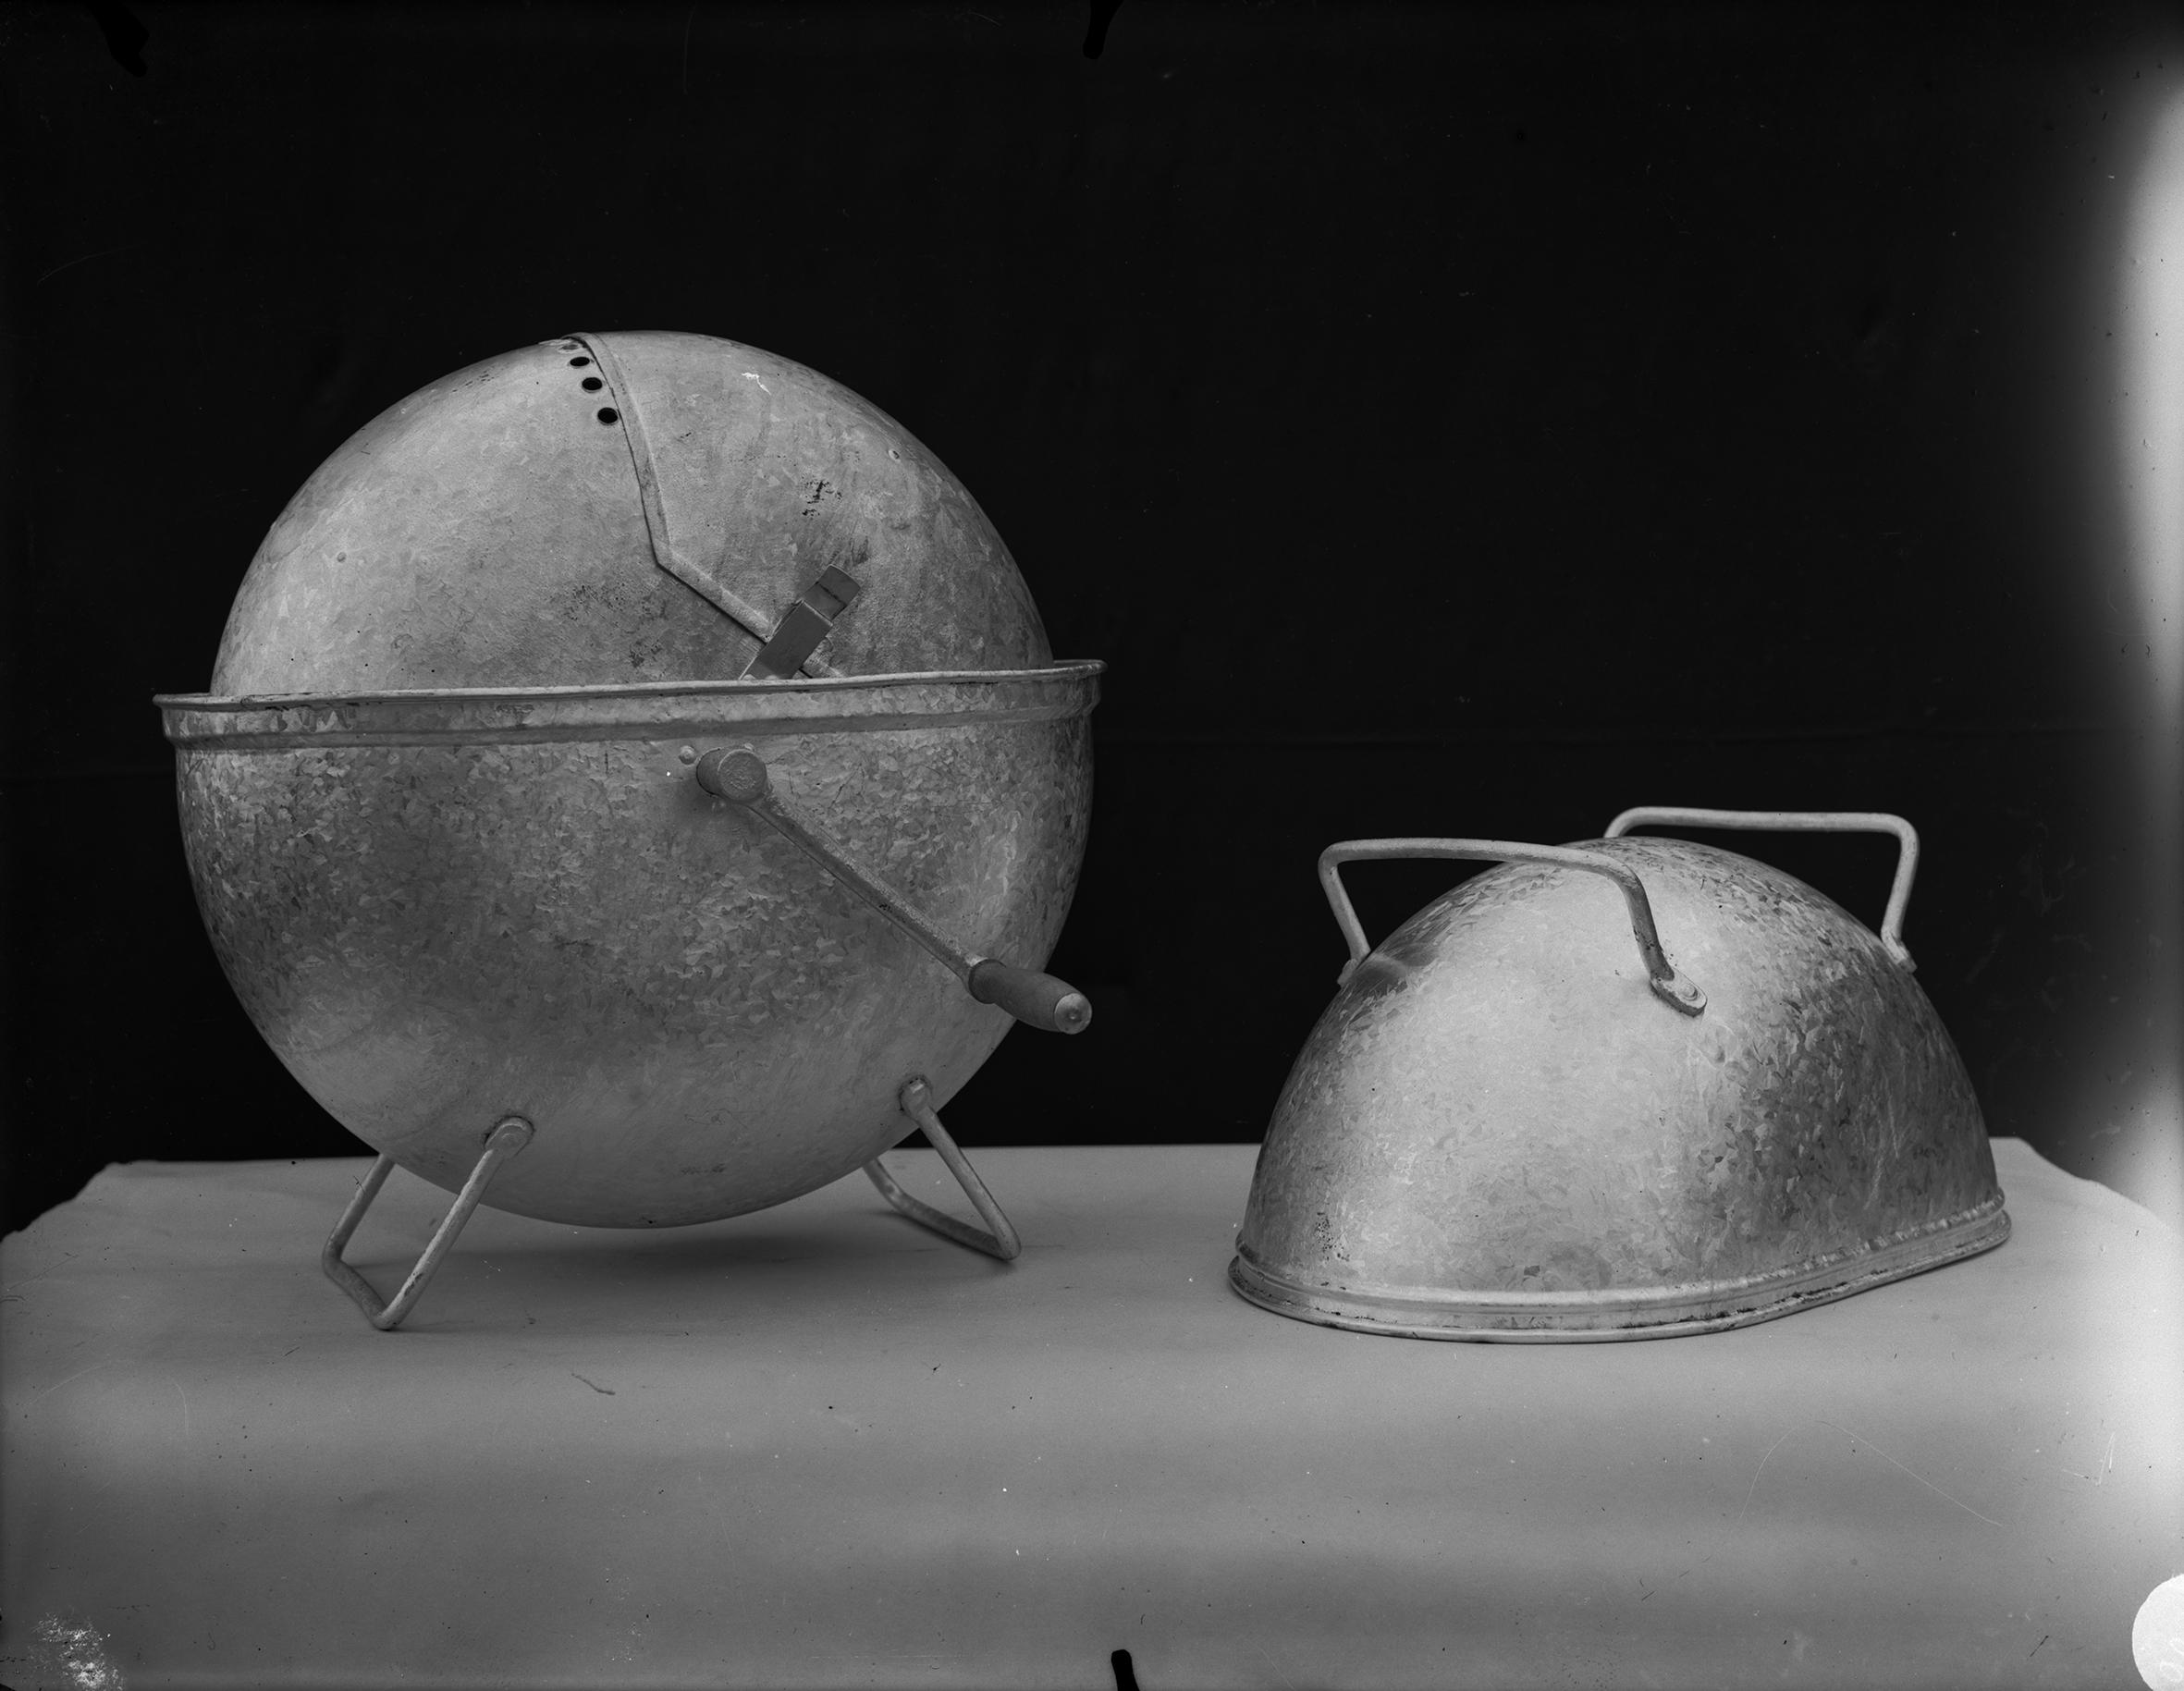 国家科学与工业研发办事处,于勒-路易斯·布雷顿的洗衣机(小模型),1925年3月26日。现由法国国家科学研究中心收藏,B_5536。